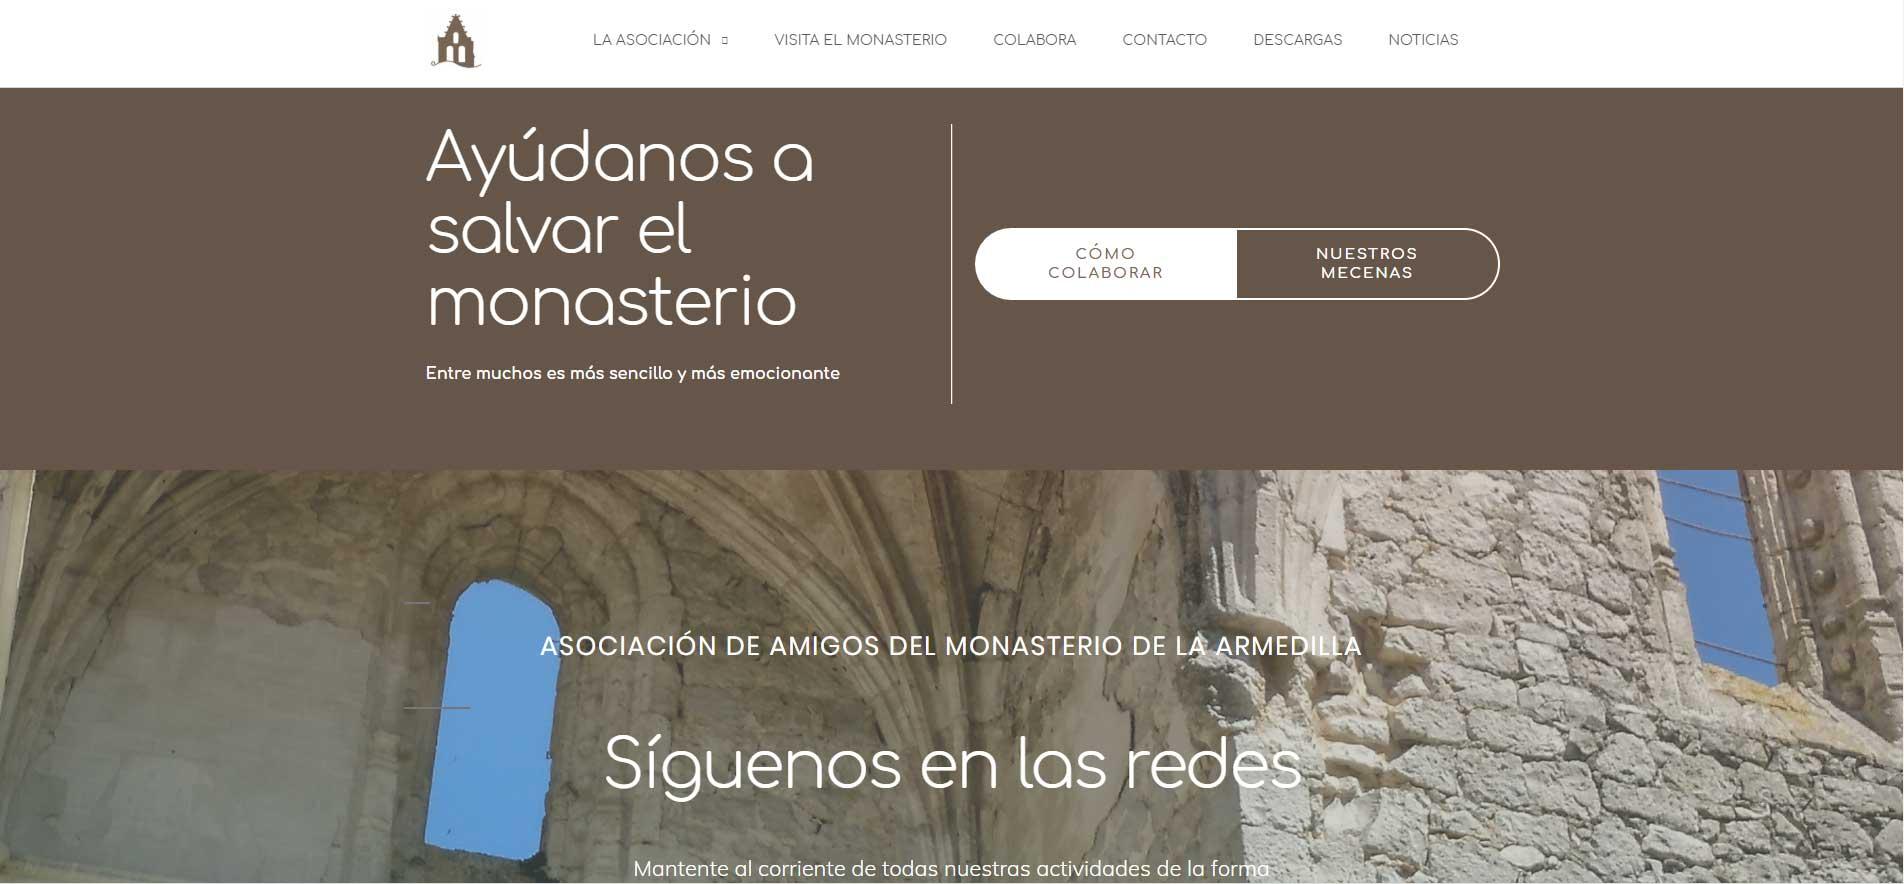 Amigos de la Armedilla - Portfolio Protocultura